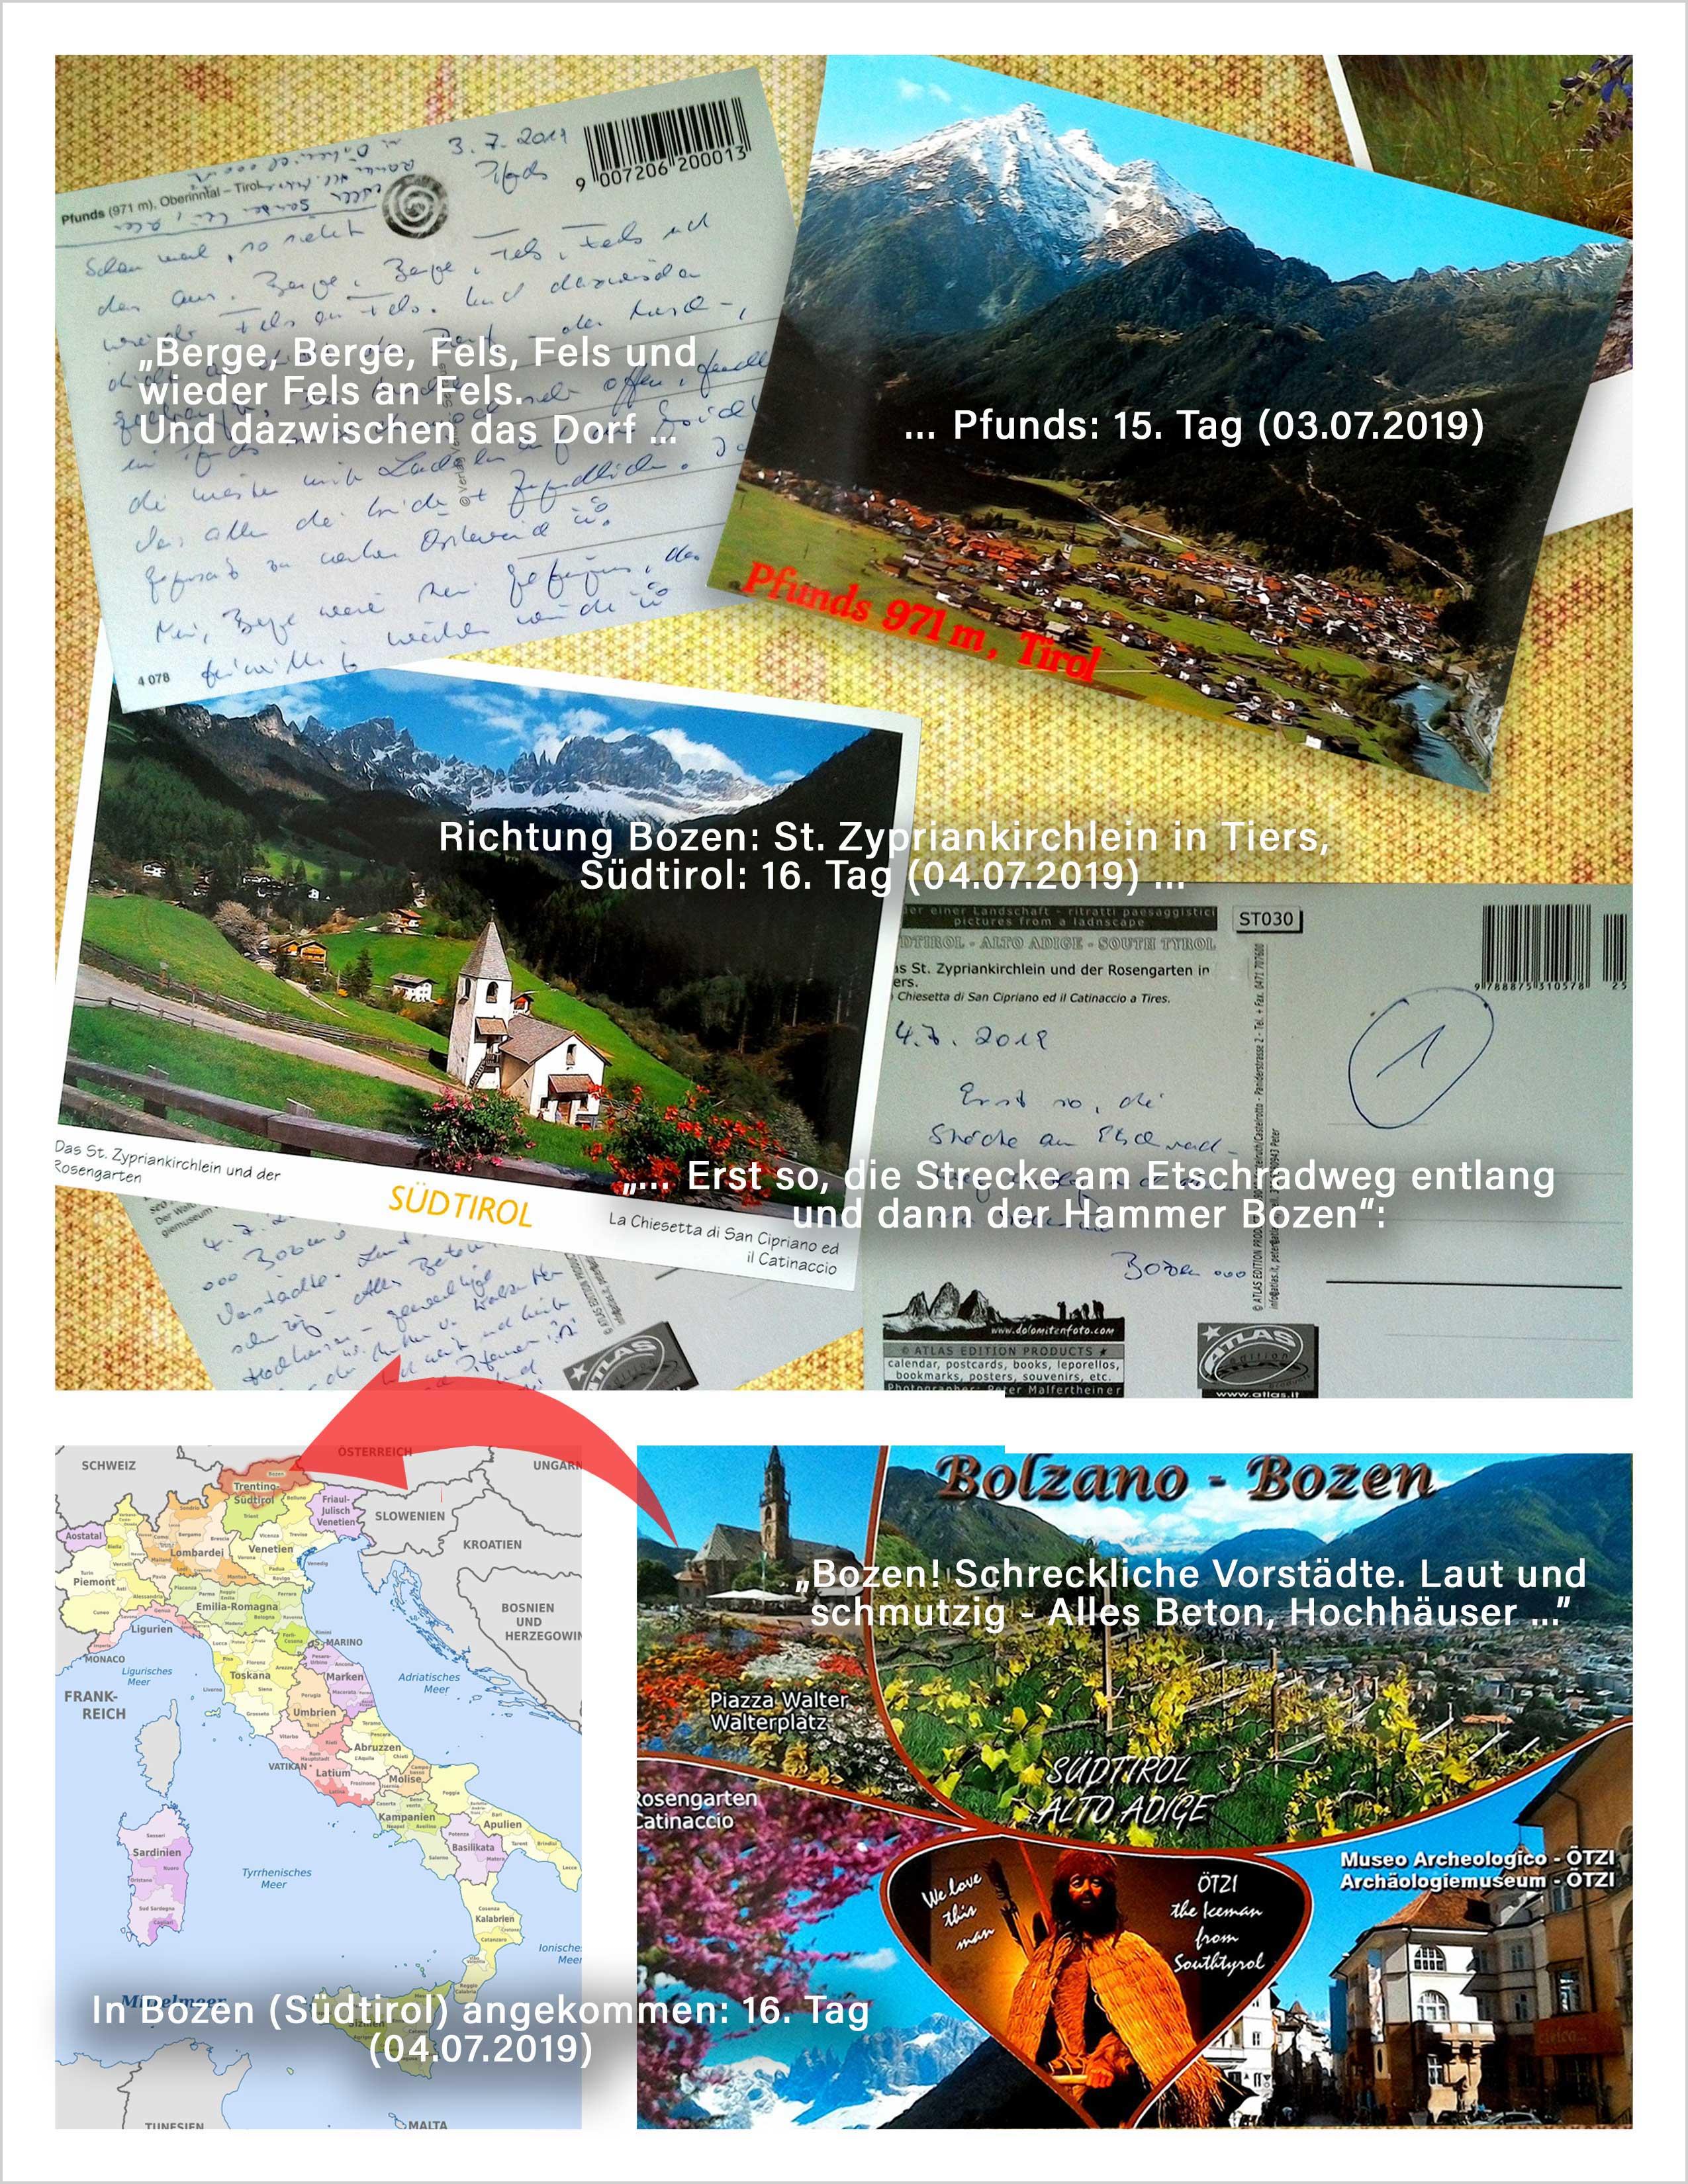 pfunds-bozen-etschradweg-zweite-pilgerreise-zu-fuss-nach-rom